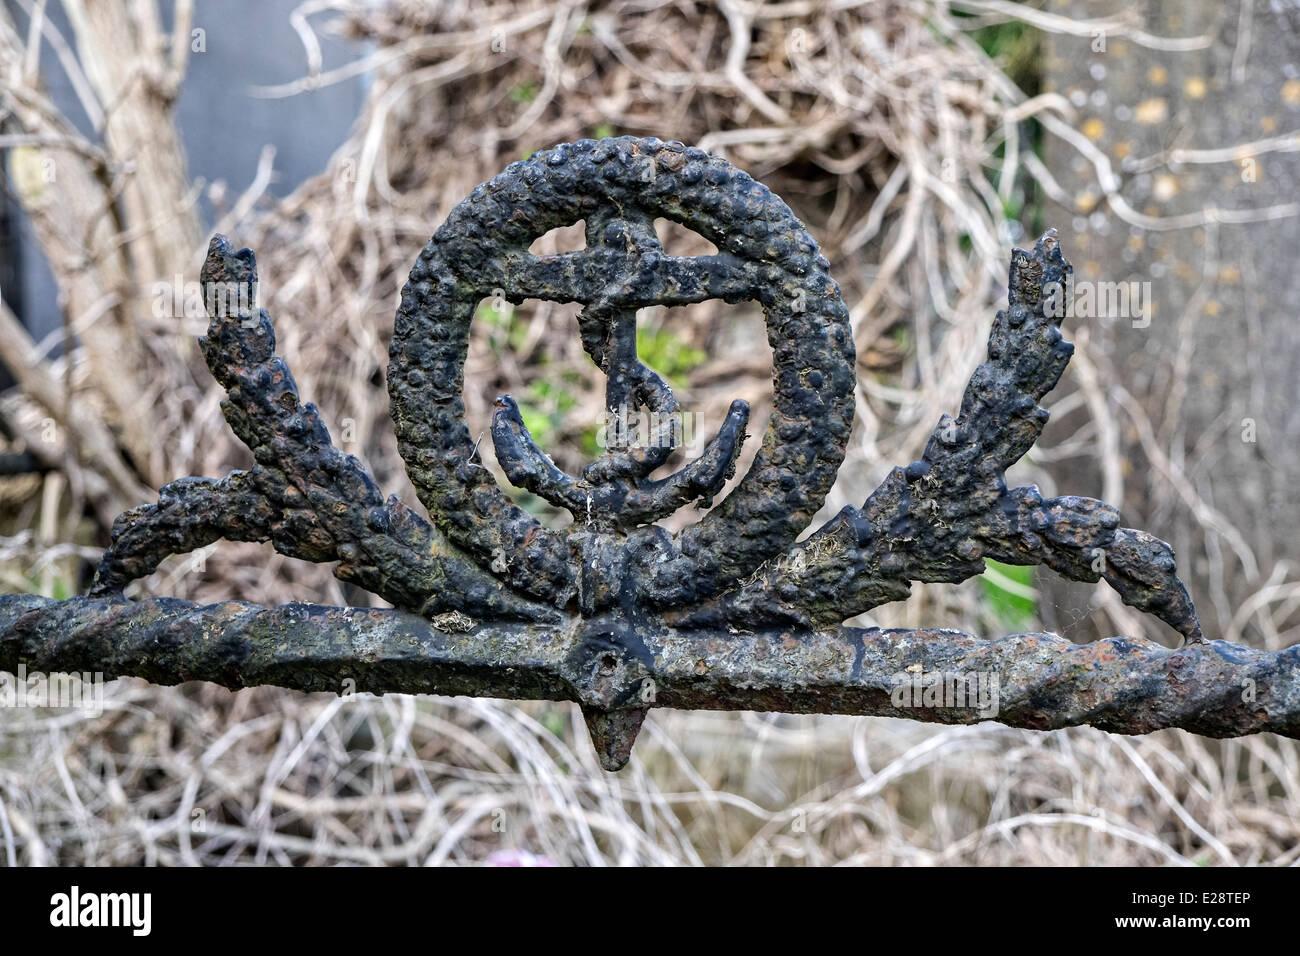 Imagen de hierro oxidado el ancla insignia de la Marina Real Británica en una tumba en el Mornington, co. Louth Foto de stock